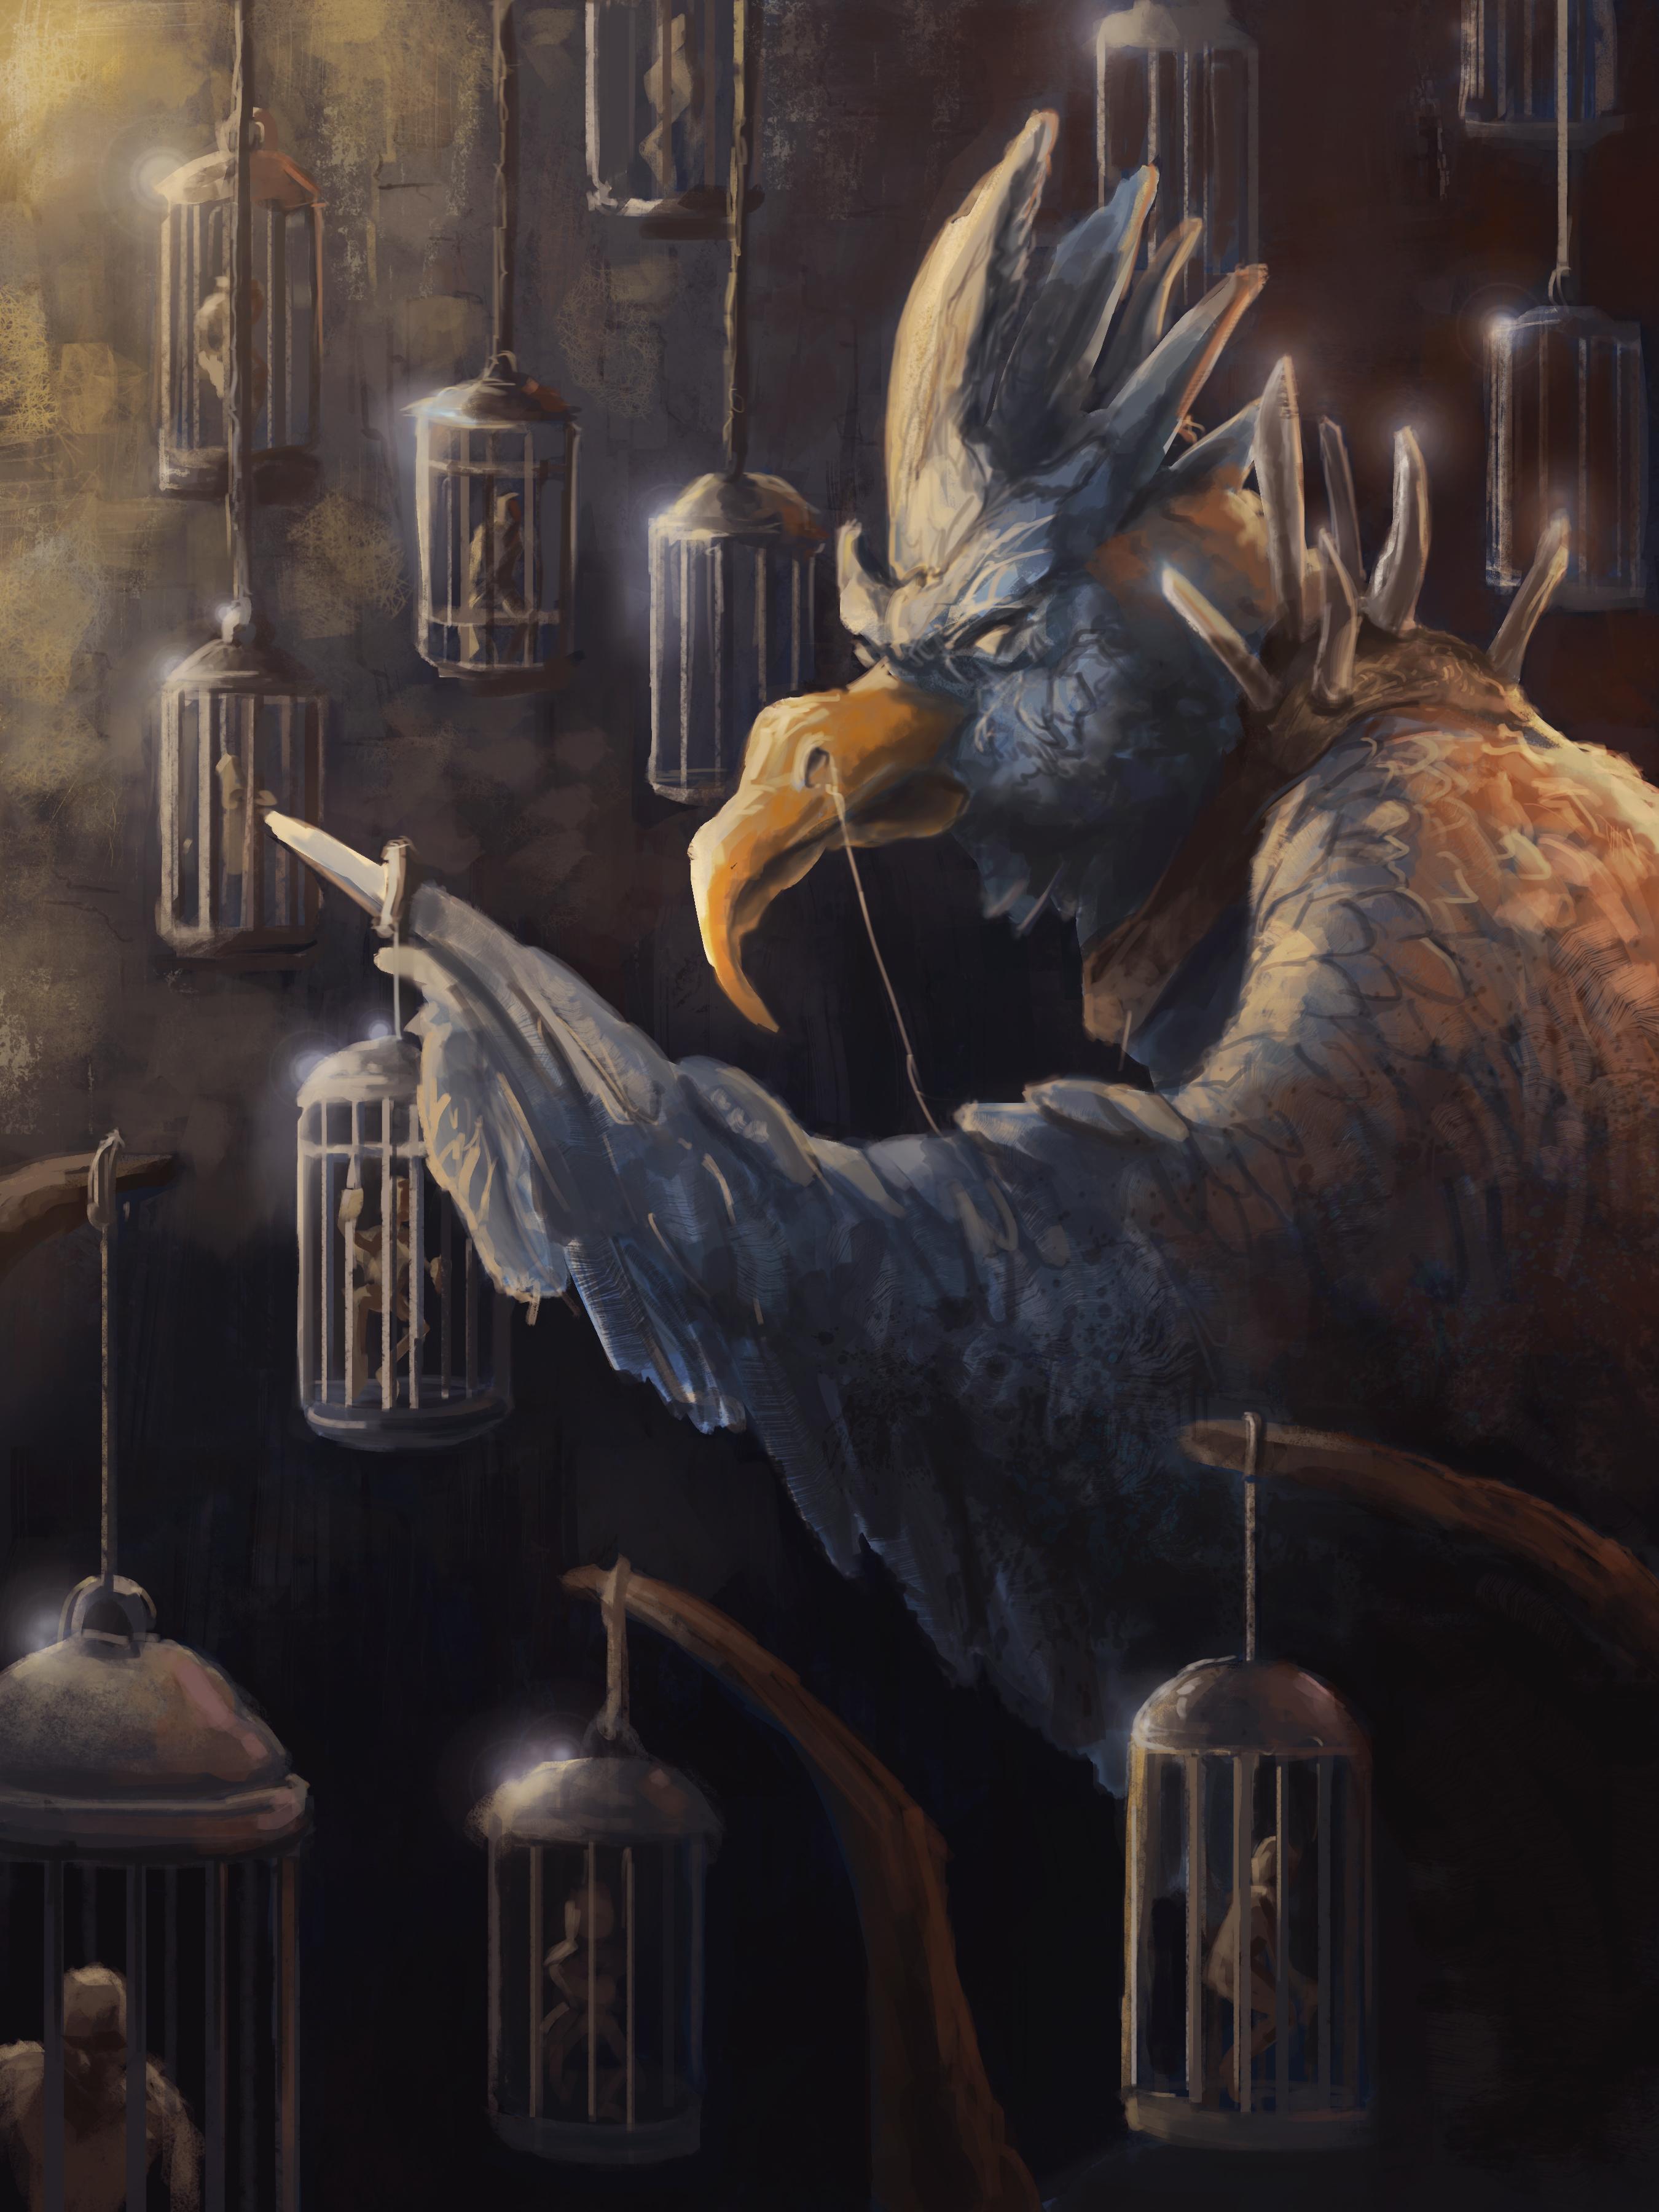 birdemon by Tex McCranie